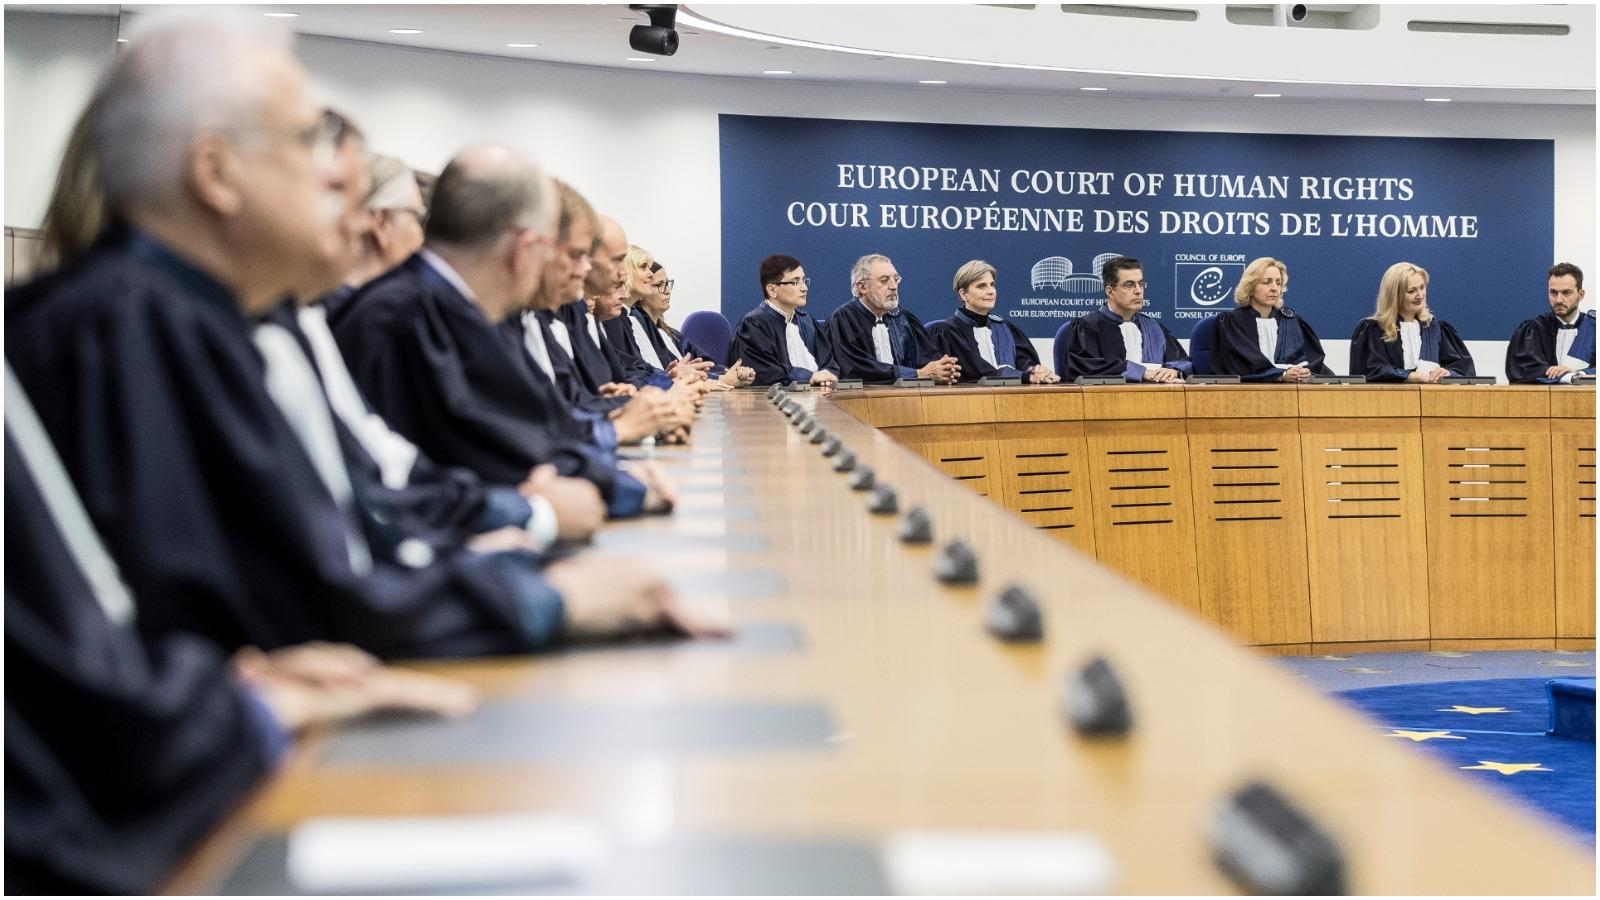 <font color=00008>Bjørn Elmquist om menneskerettighedsdomstolen:</font color=00008> Politikerne ønsker at politisere alt – men uden stopklodser, intet demokrati